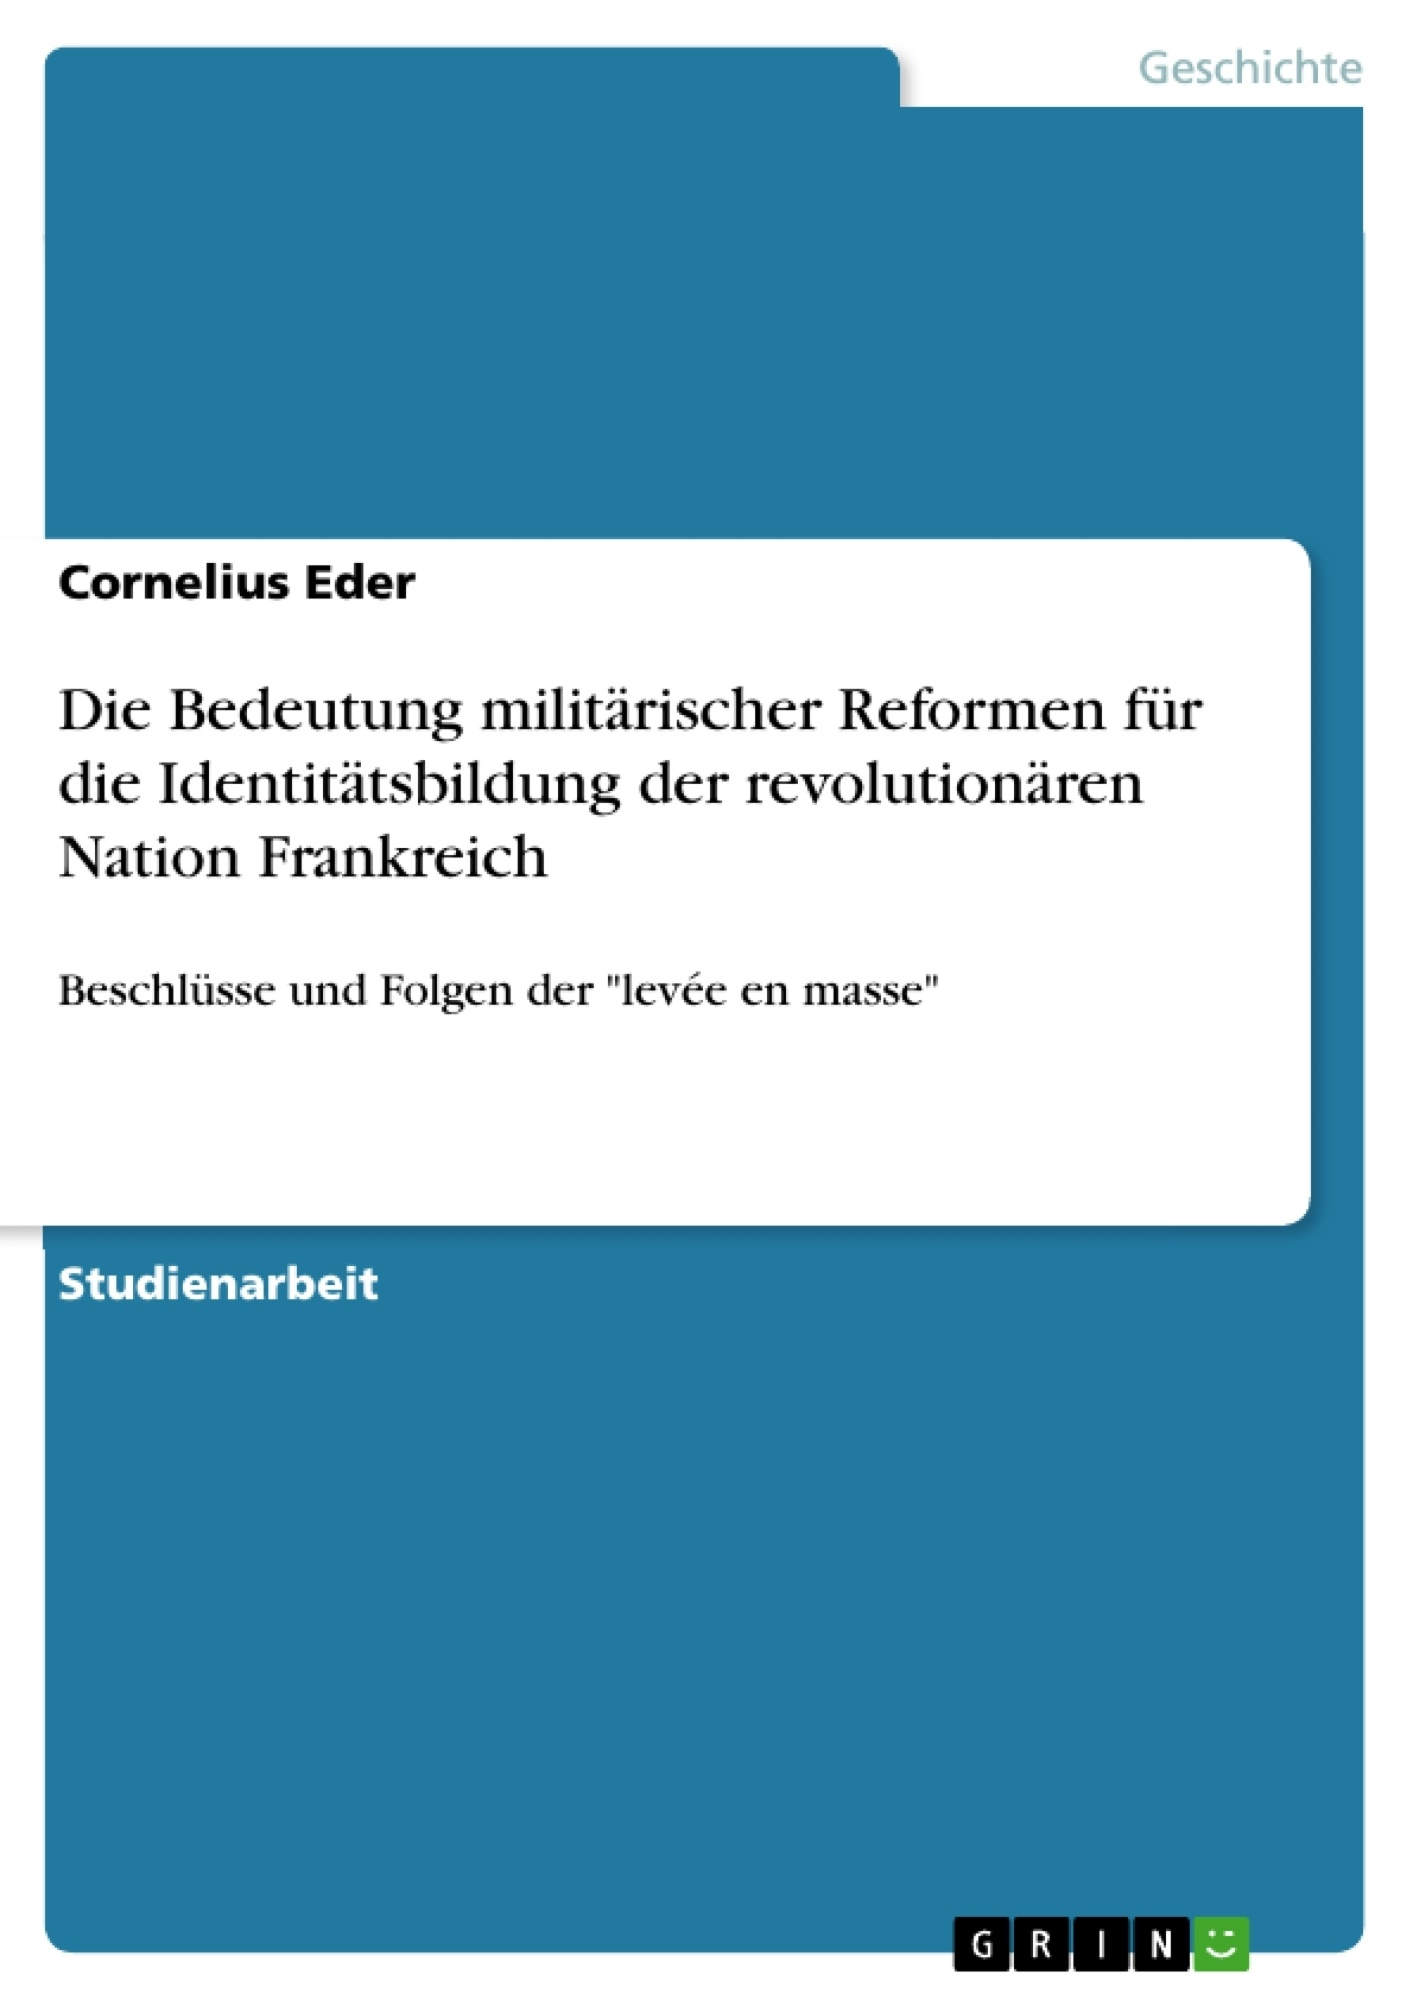 Titel: Die Bedeutung militärischer Reformen für die Identitätsbildung der revolutionären Nation Frankreich